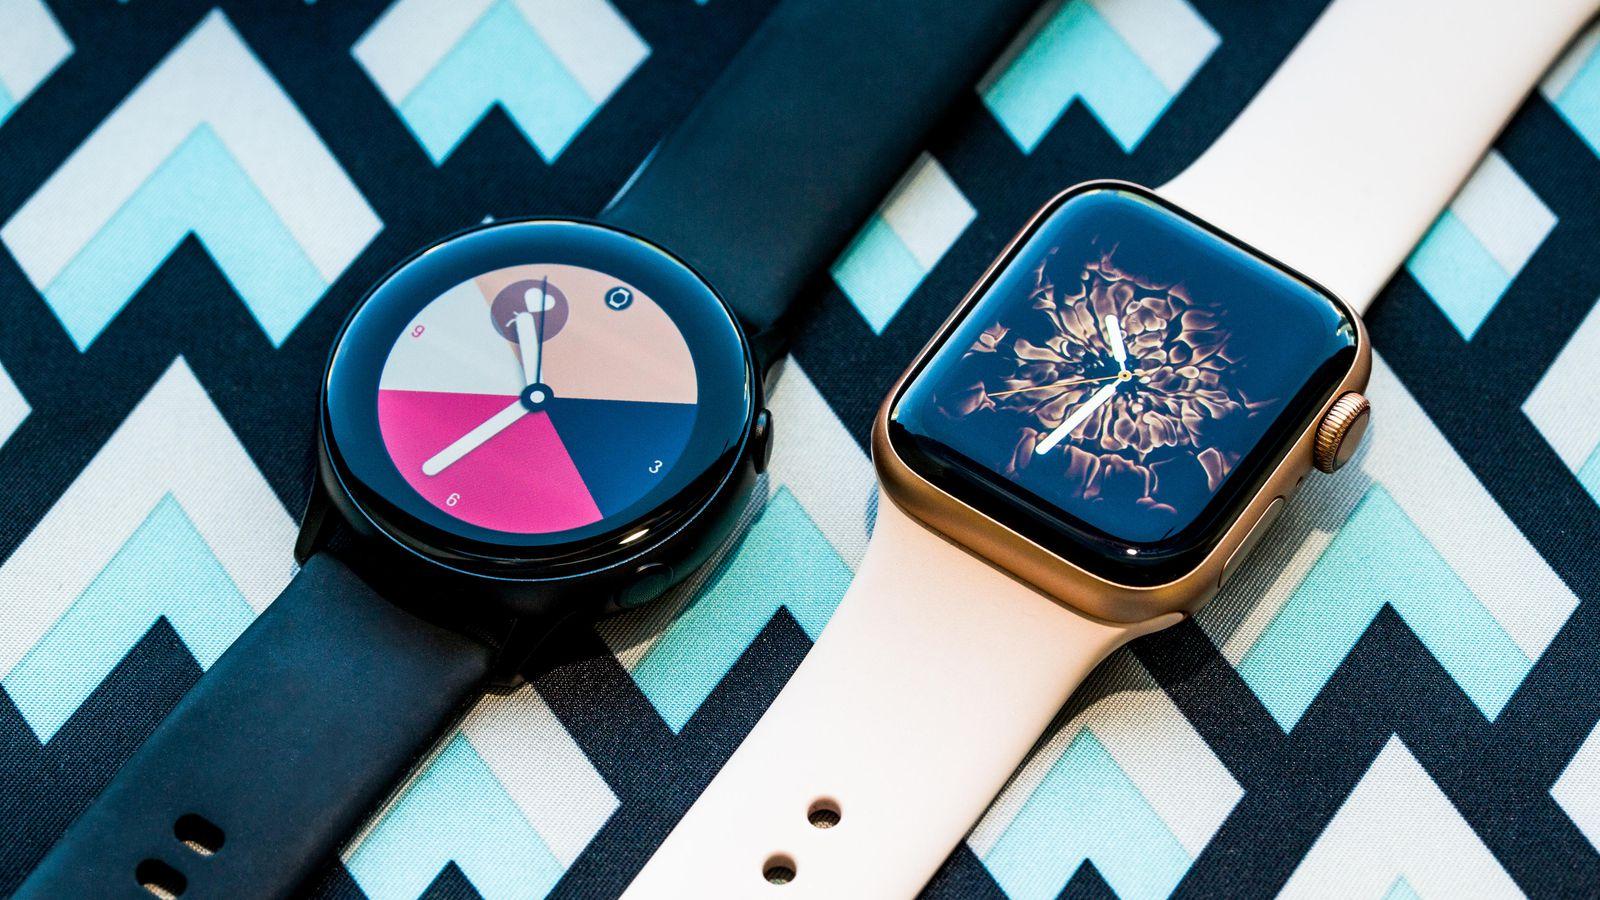 galaxy-watch-vs-apple-watch-1